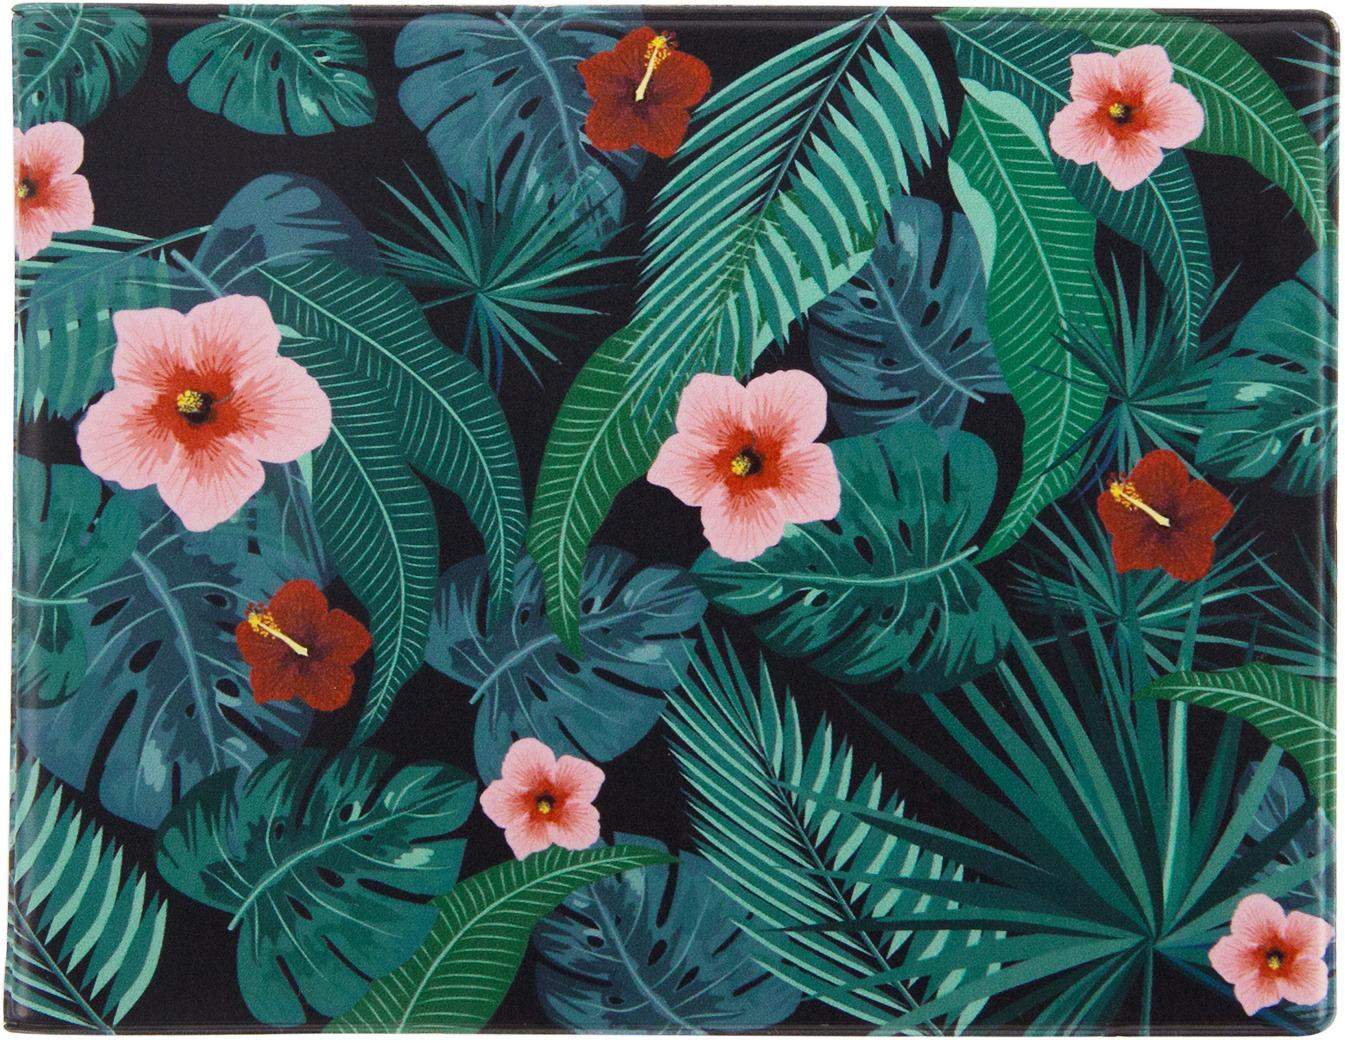 Обложка на студенческий Kawaii Factory Дикие цветы, цвет: зеленый обложка на студенческий билет kawaii factory мастер спорта по неадекватности цвет белый оранжевый kw067 000133